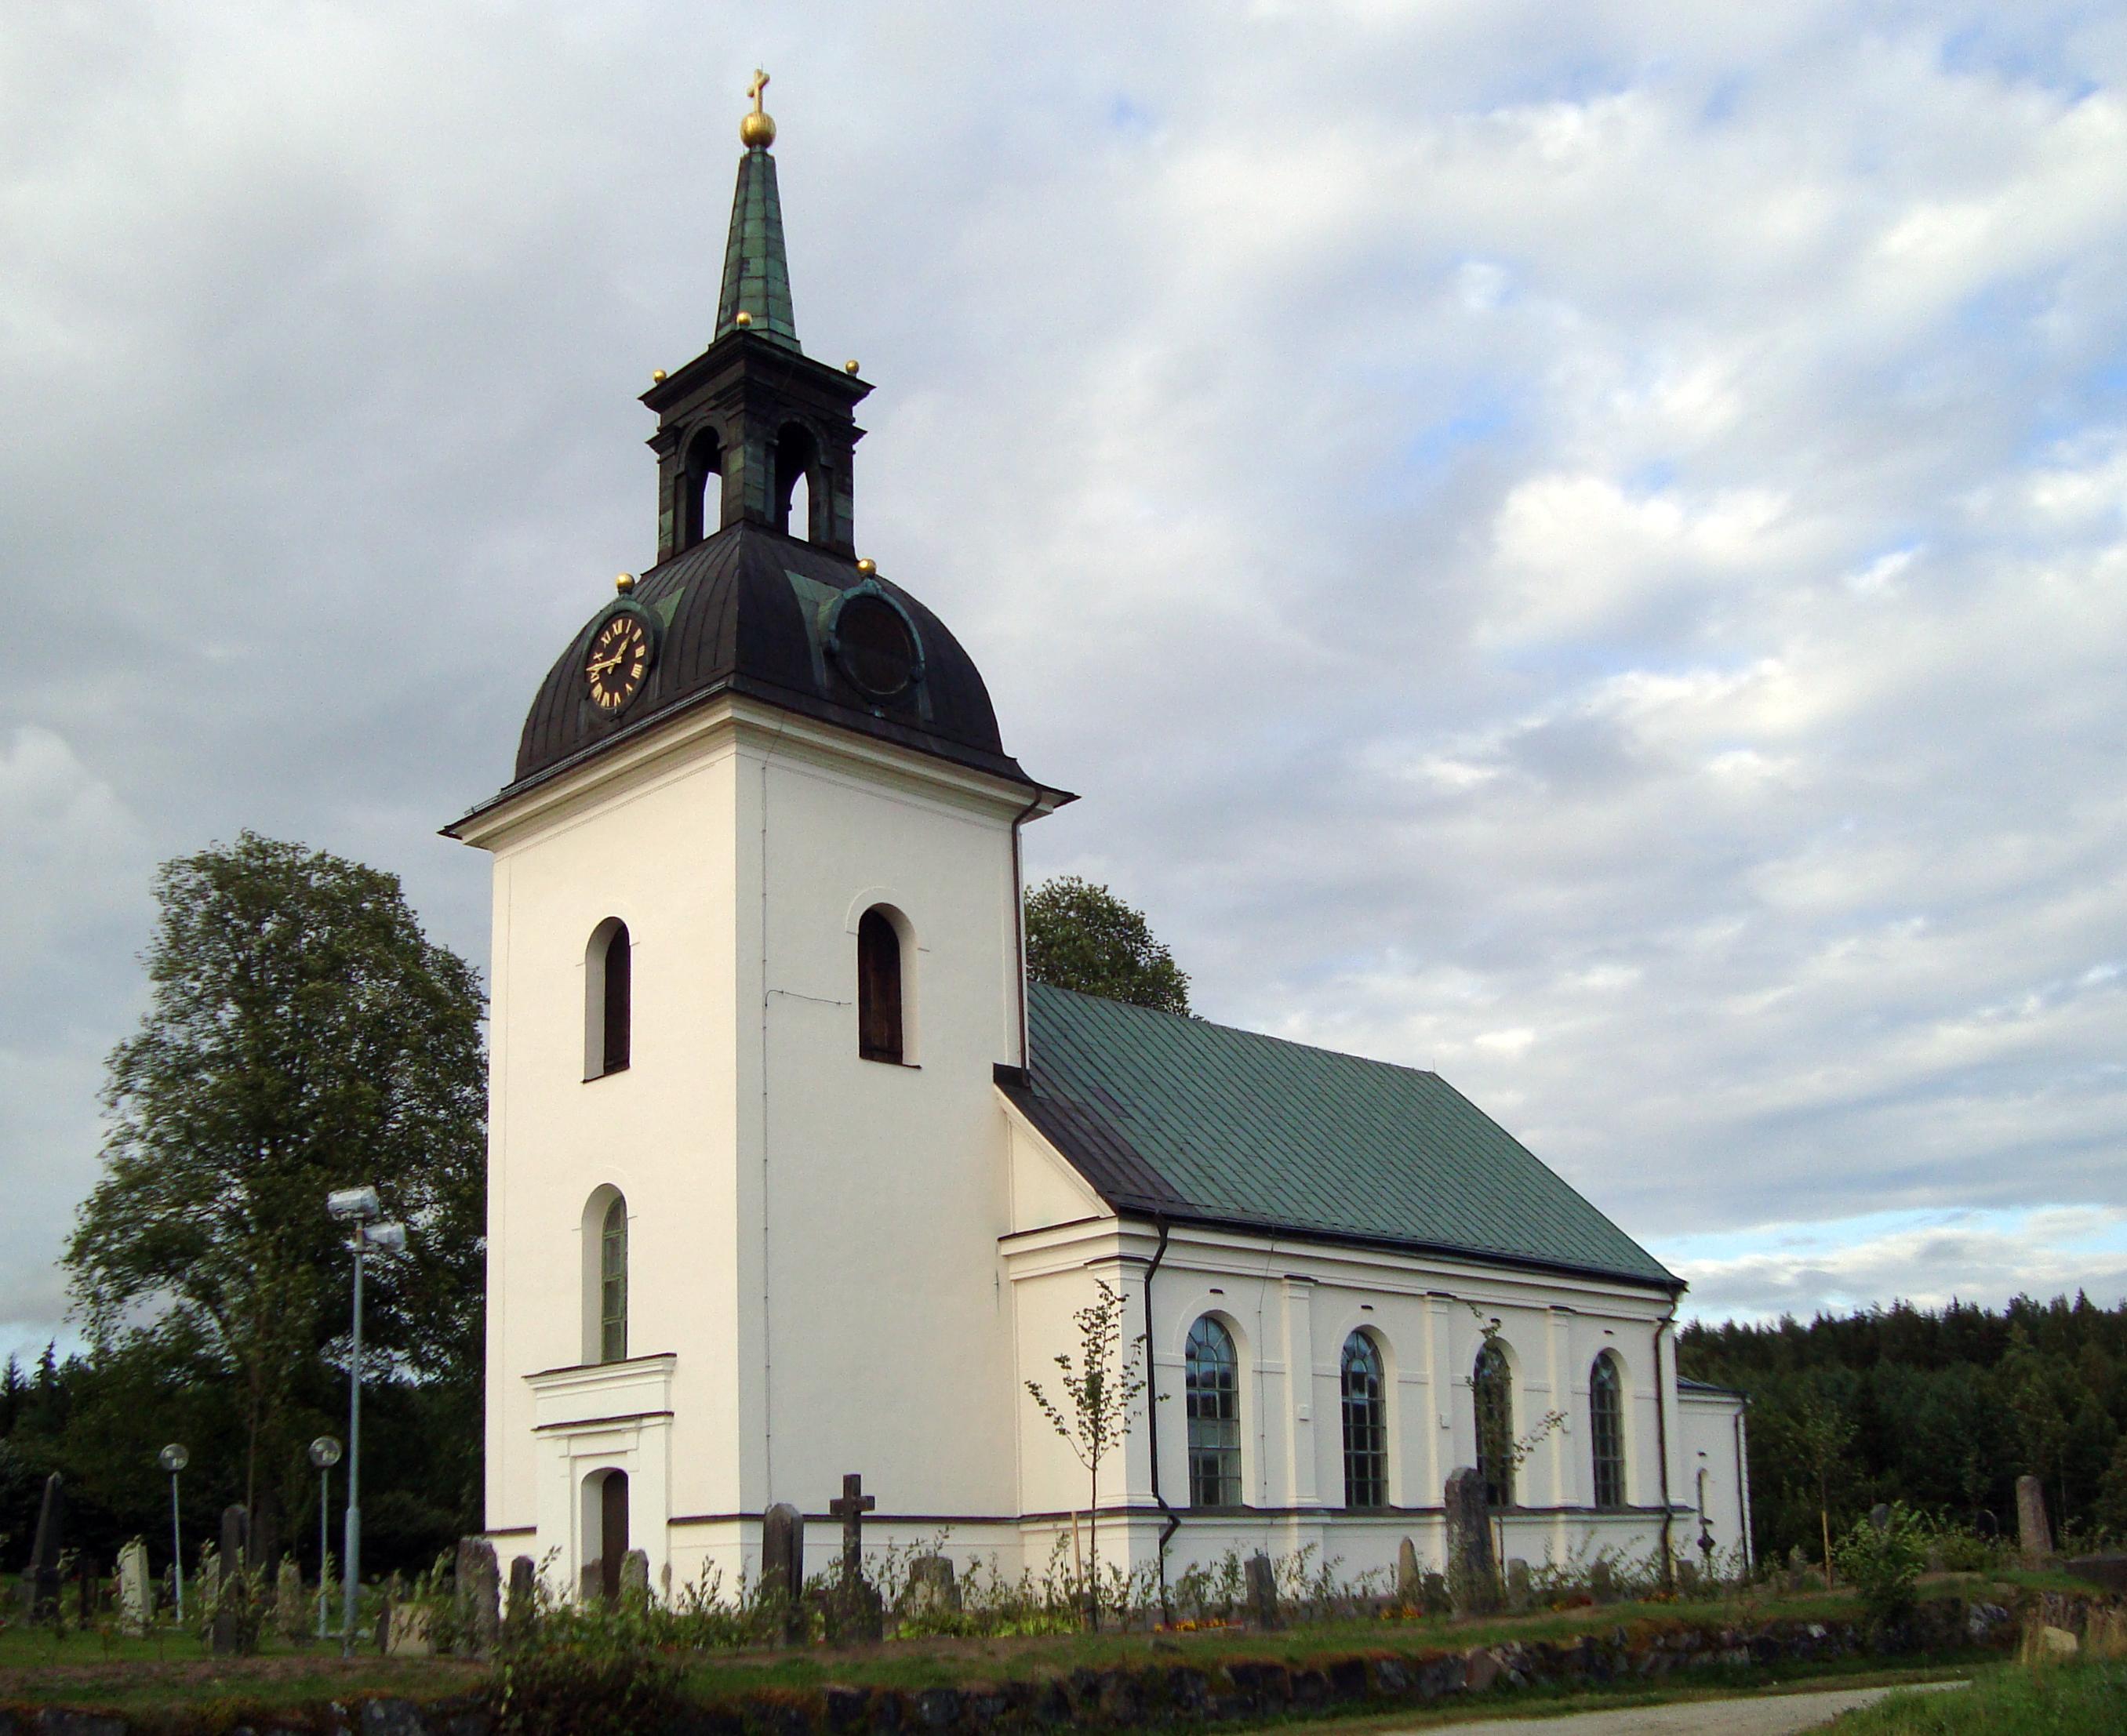 Vstanfors Parish, Vstmanland, Sweden Genealogy